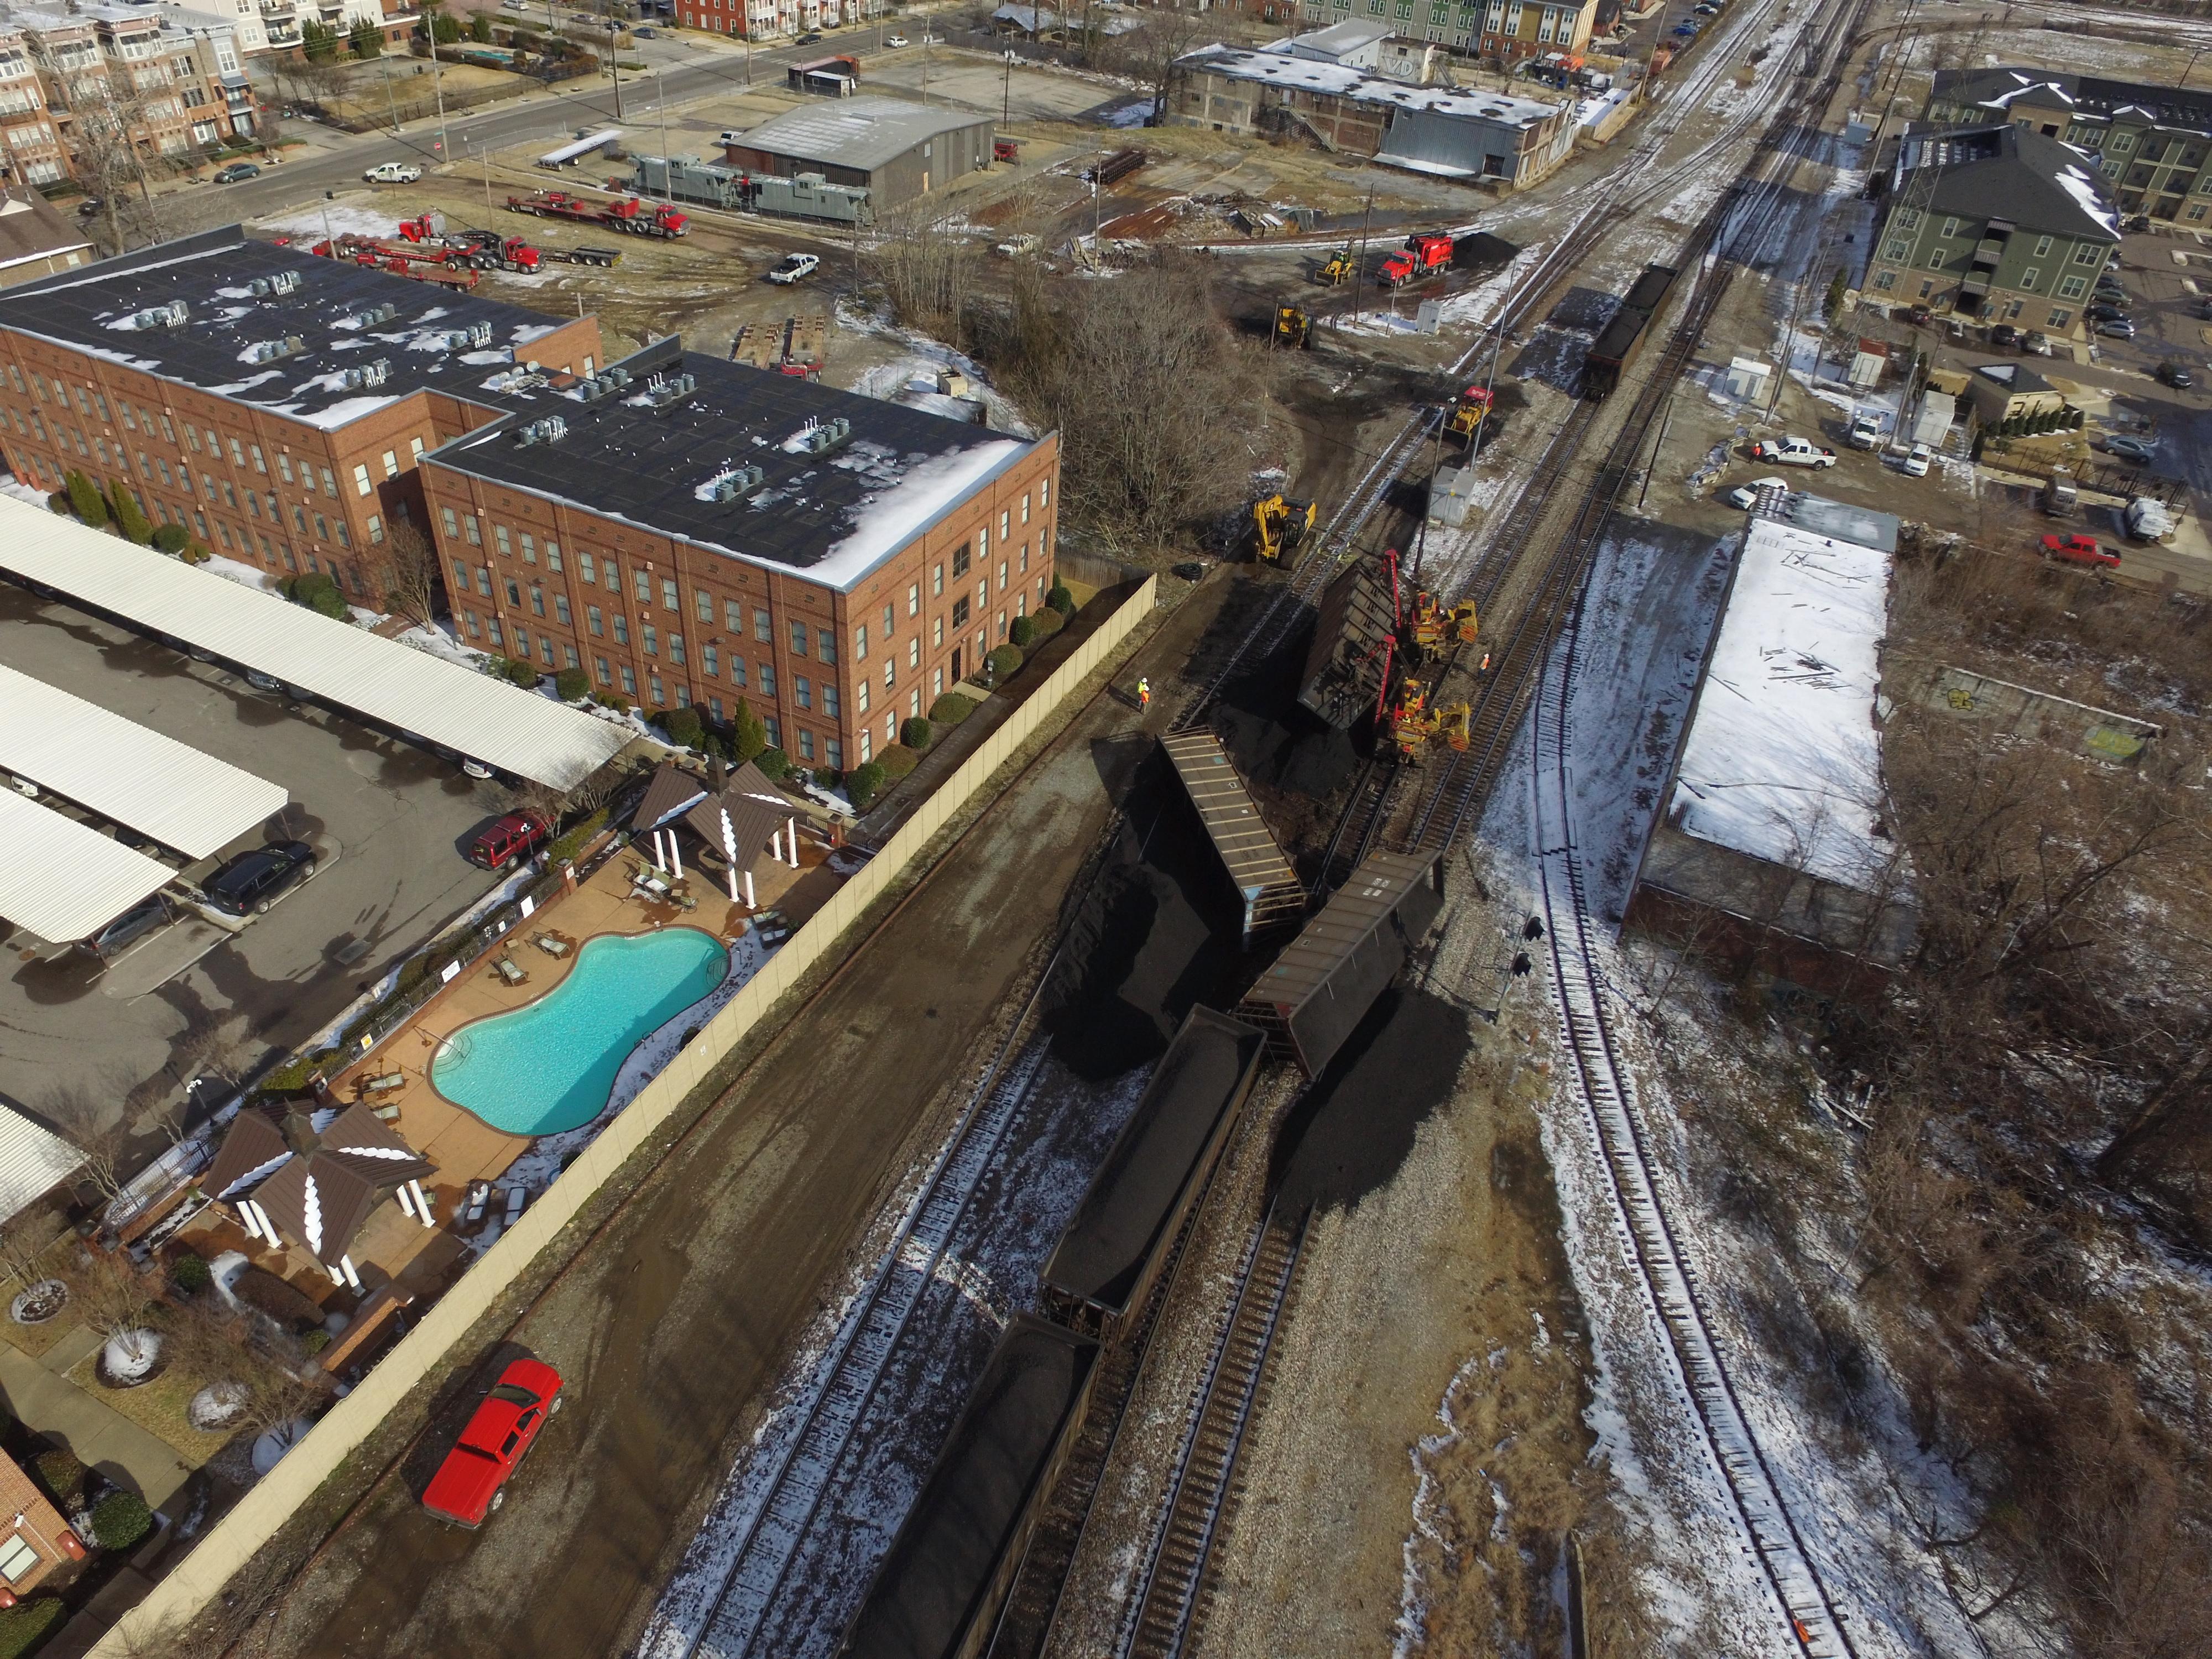 UP Coal Train Derailment: The GreatRails North American